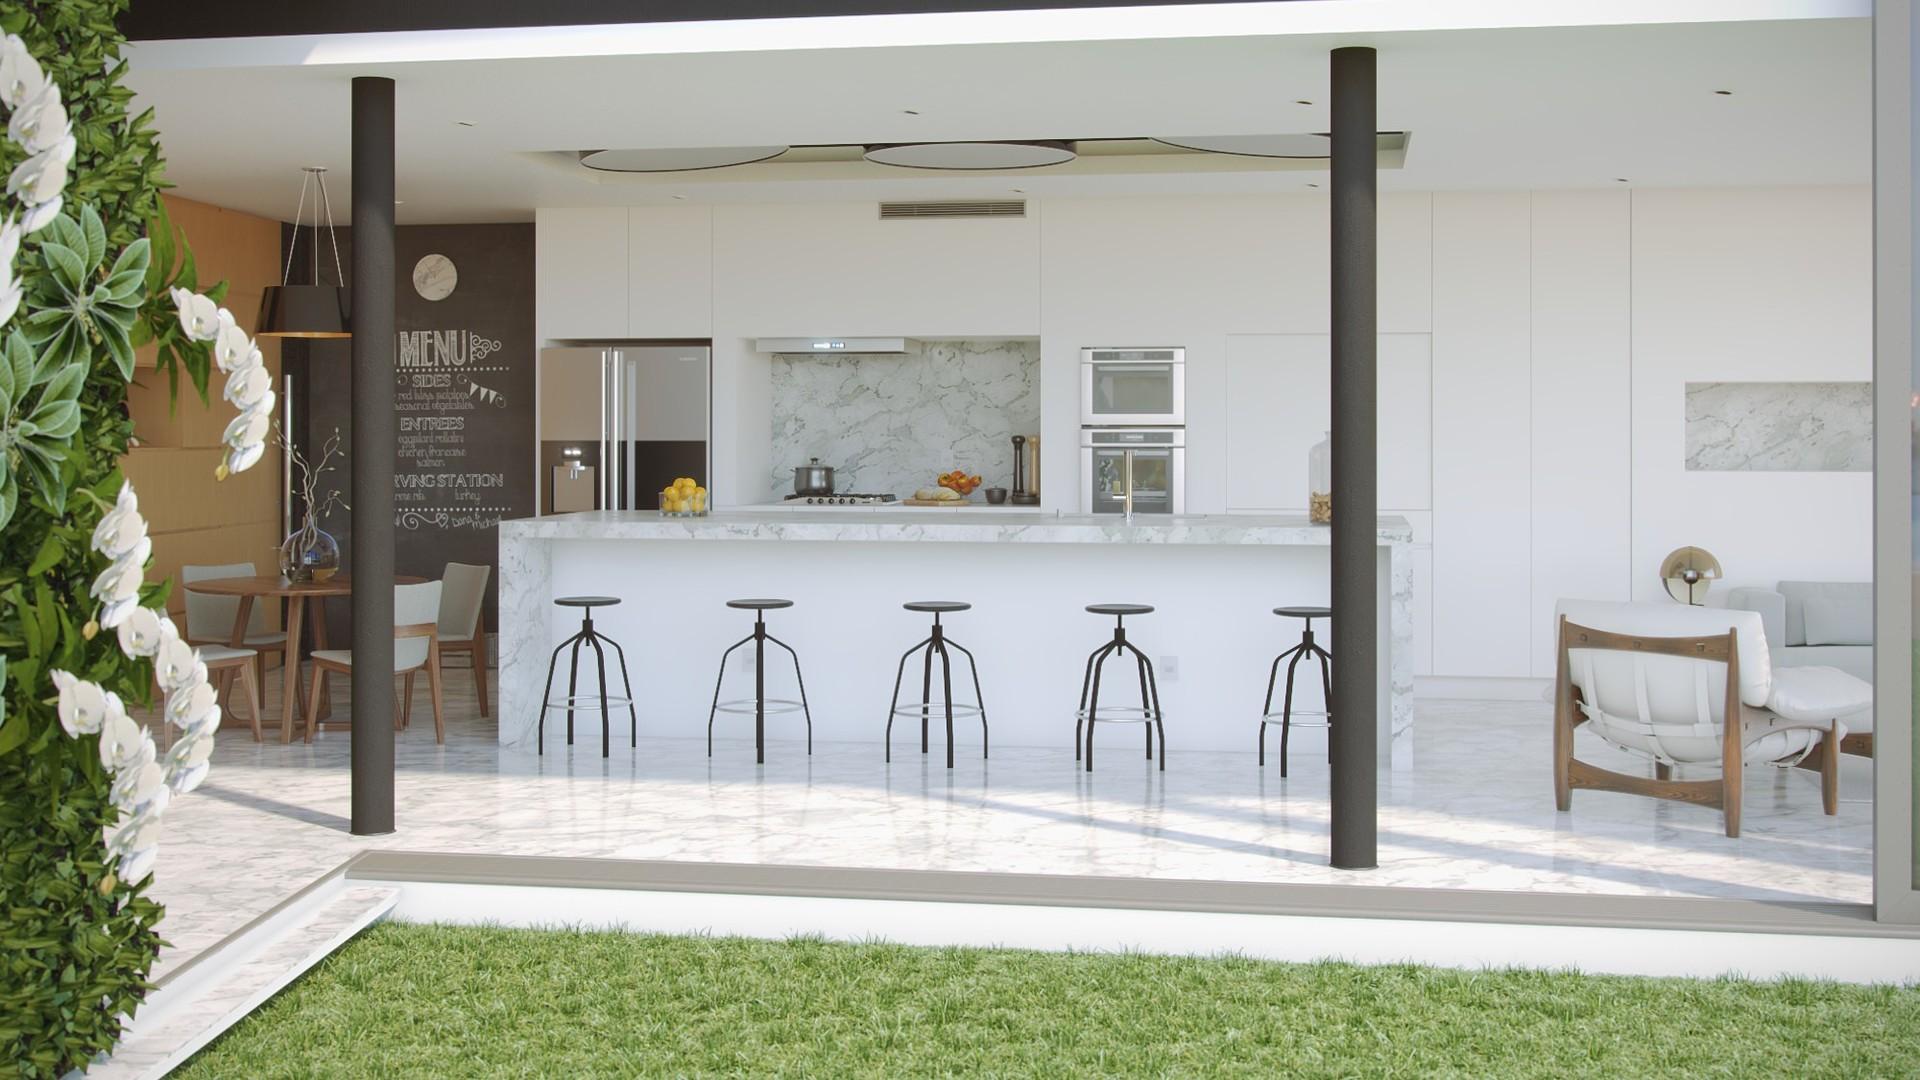 Ricardo eloy cozinha c013 parede verde